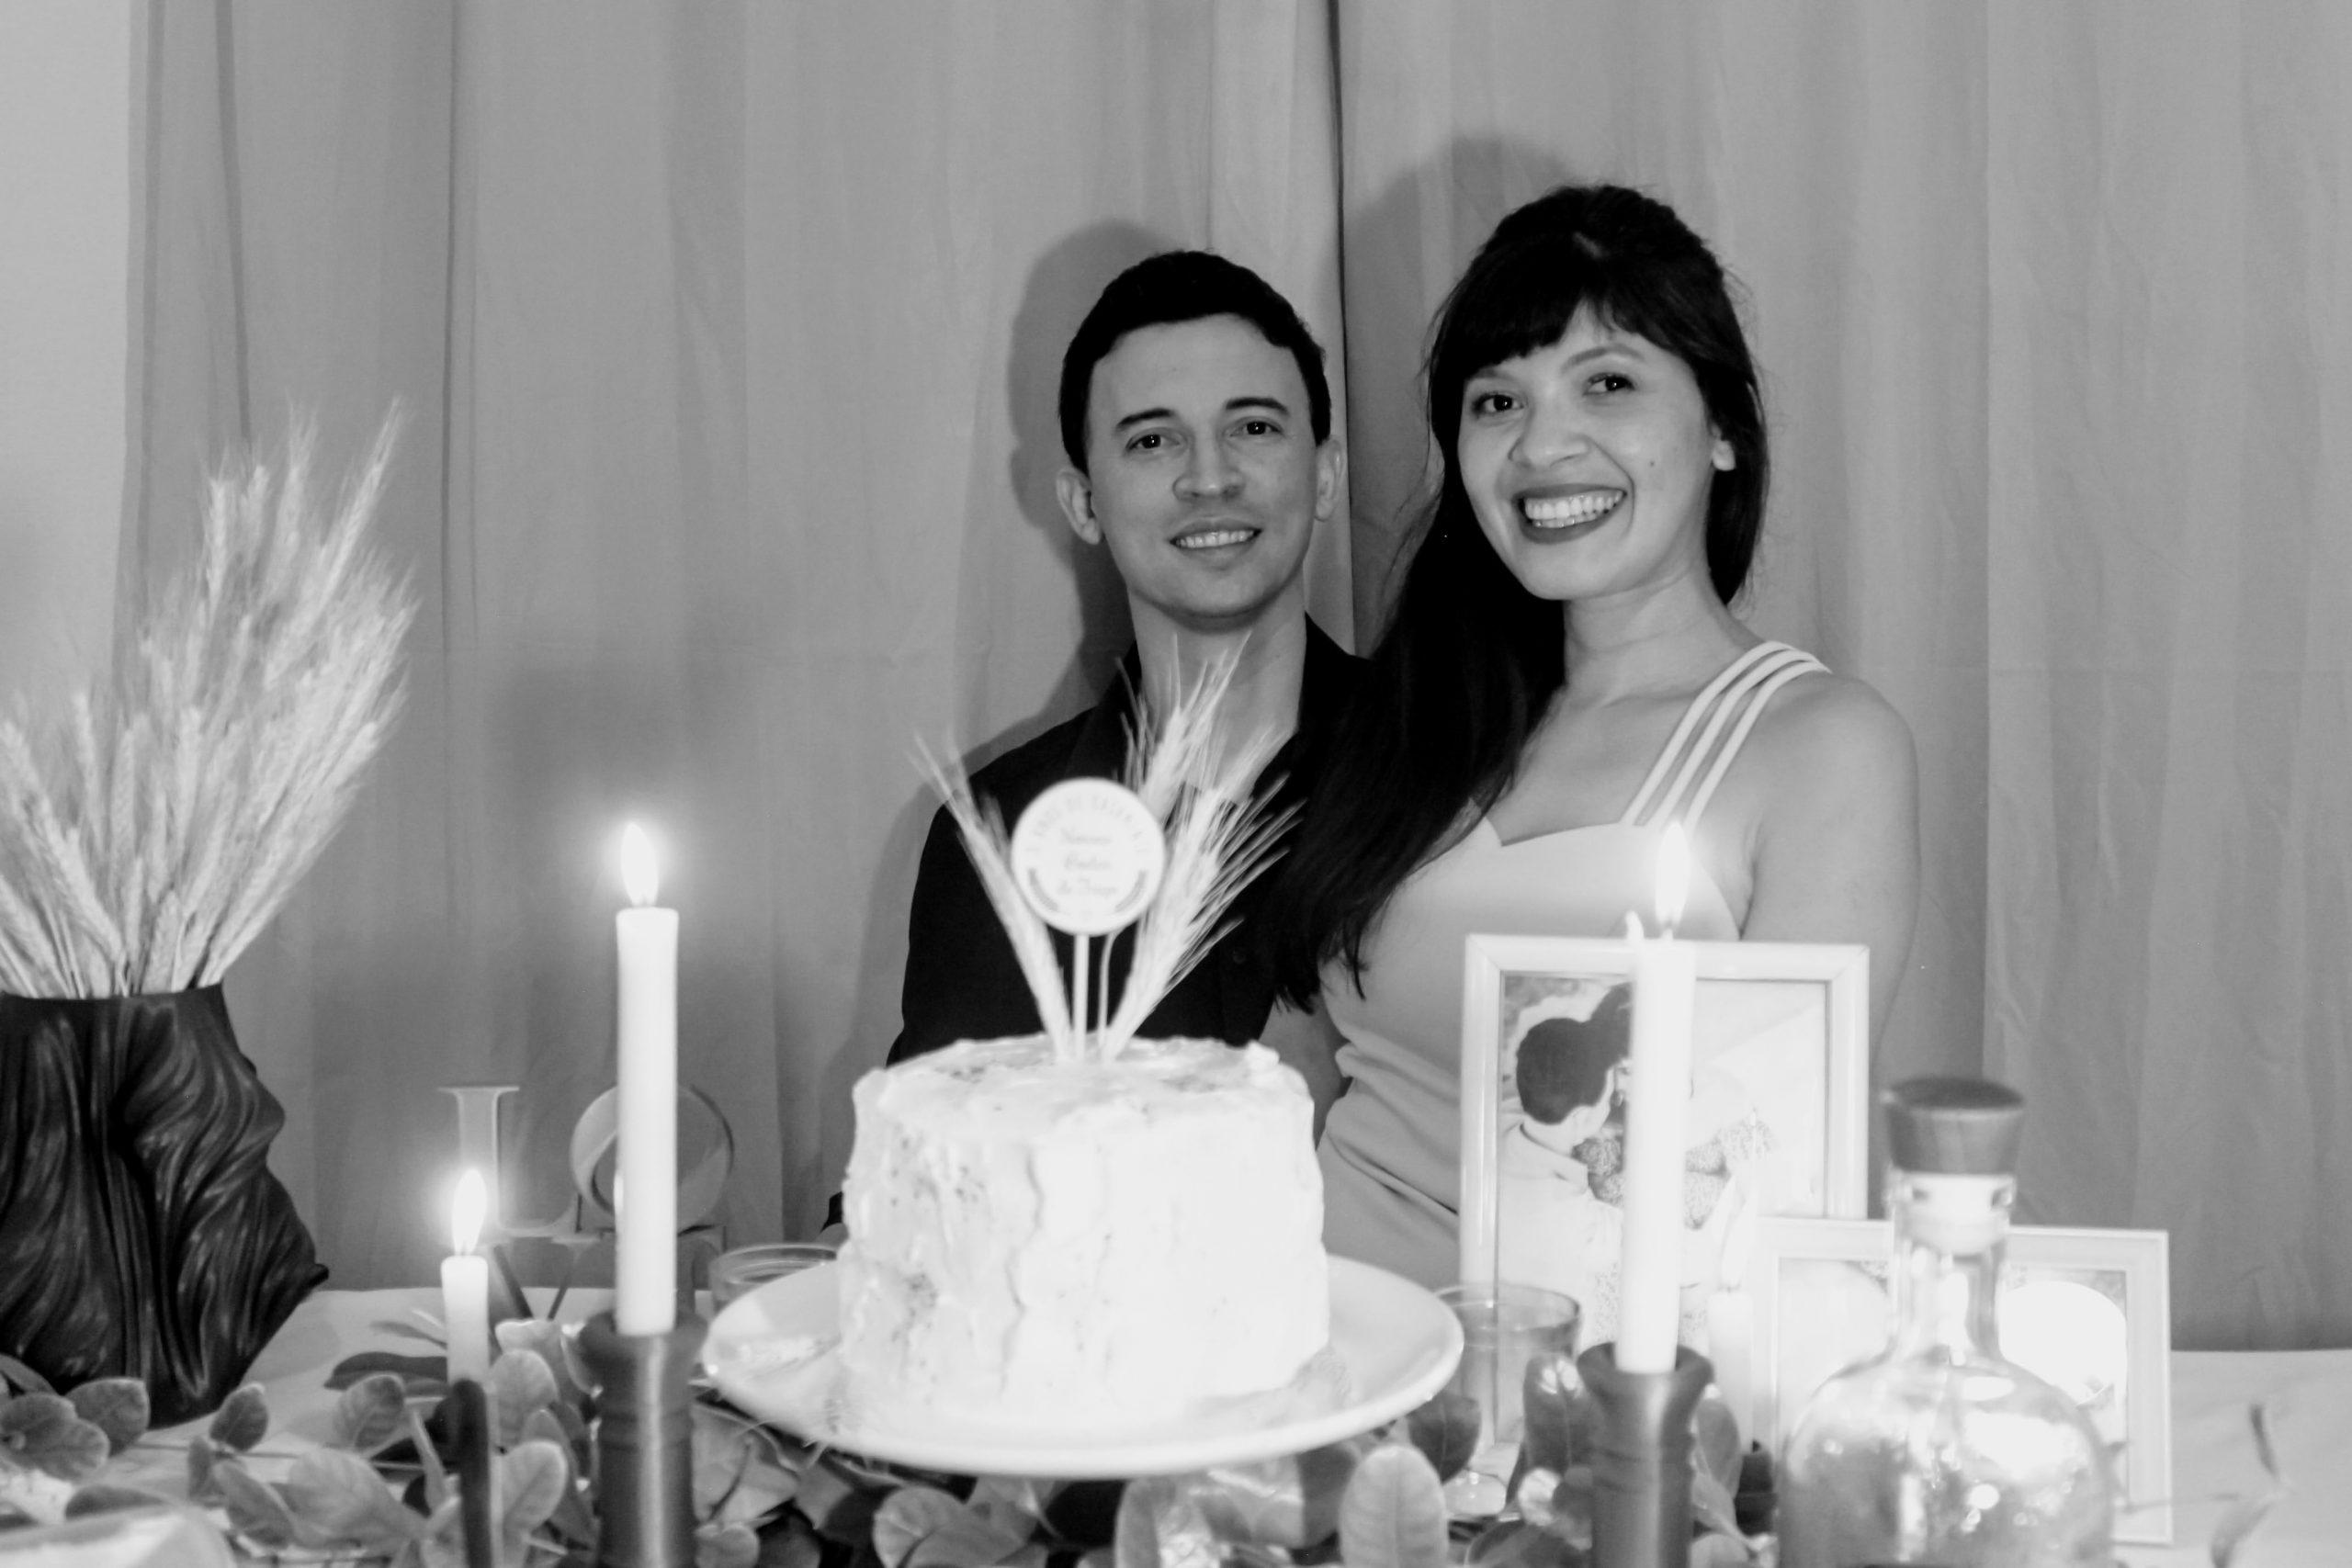 jantar aniversário de casamento